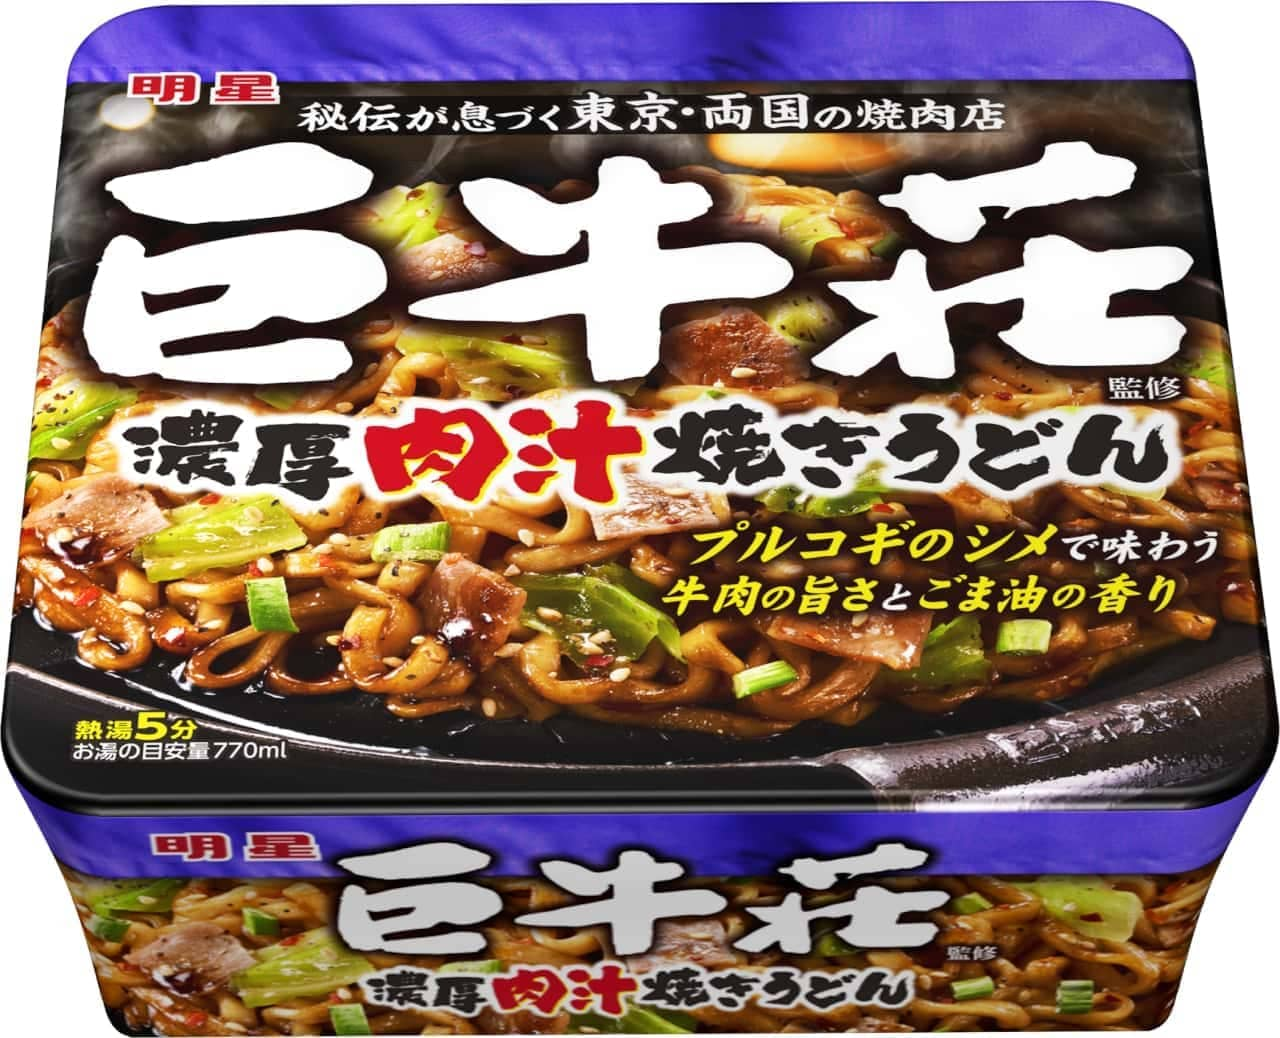 汁なしカップ麺「明星 巨牛荘監修 濃厚肉汁焼きうどん」